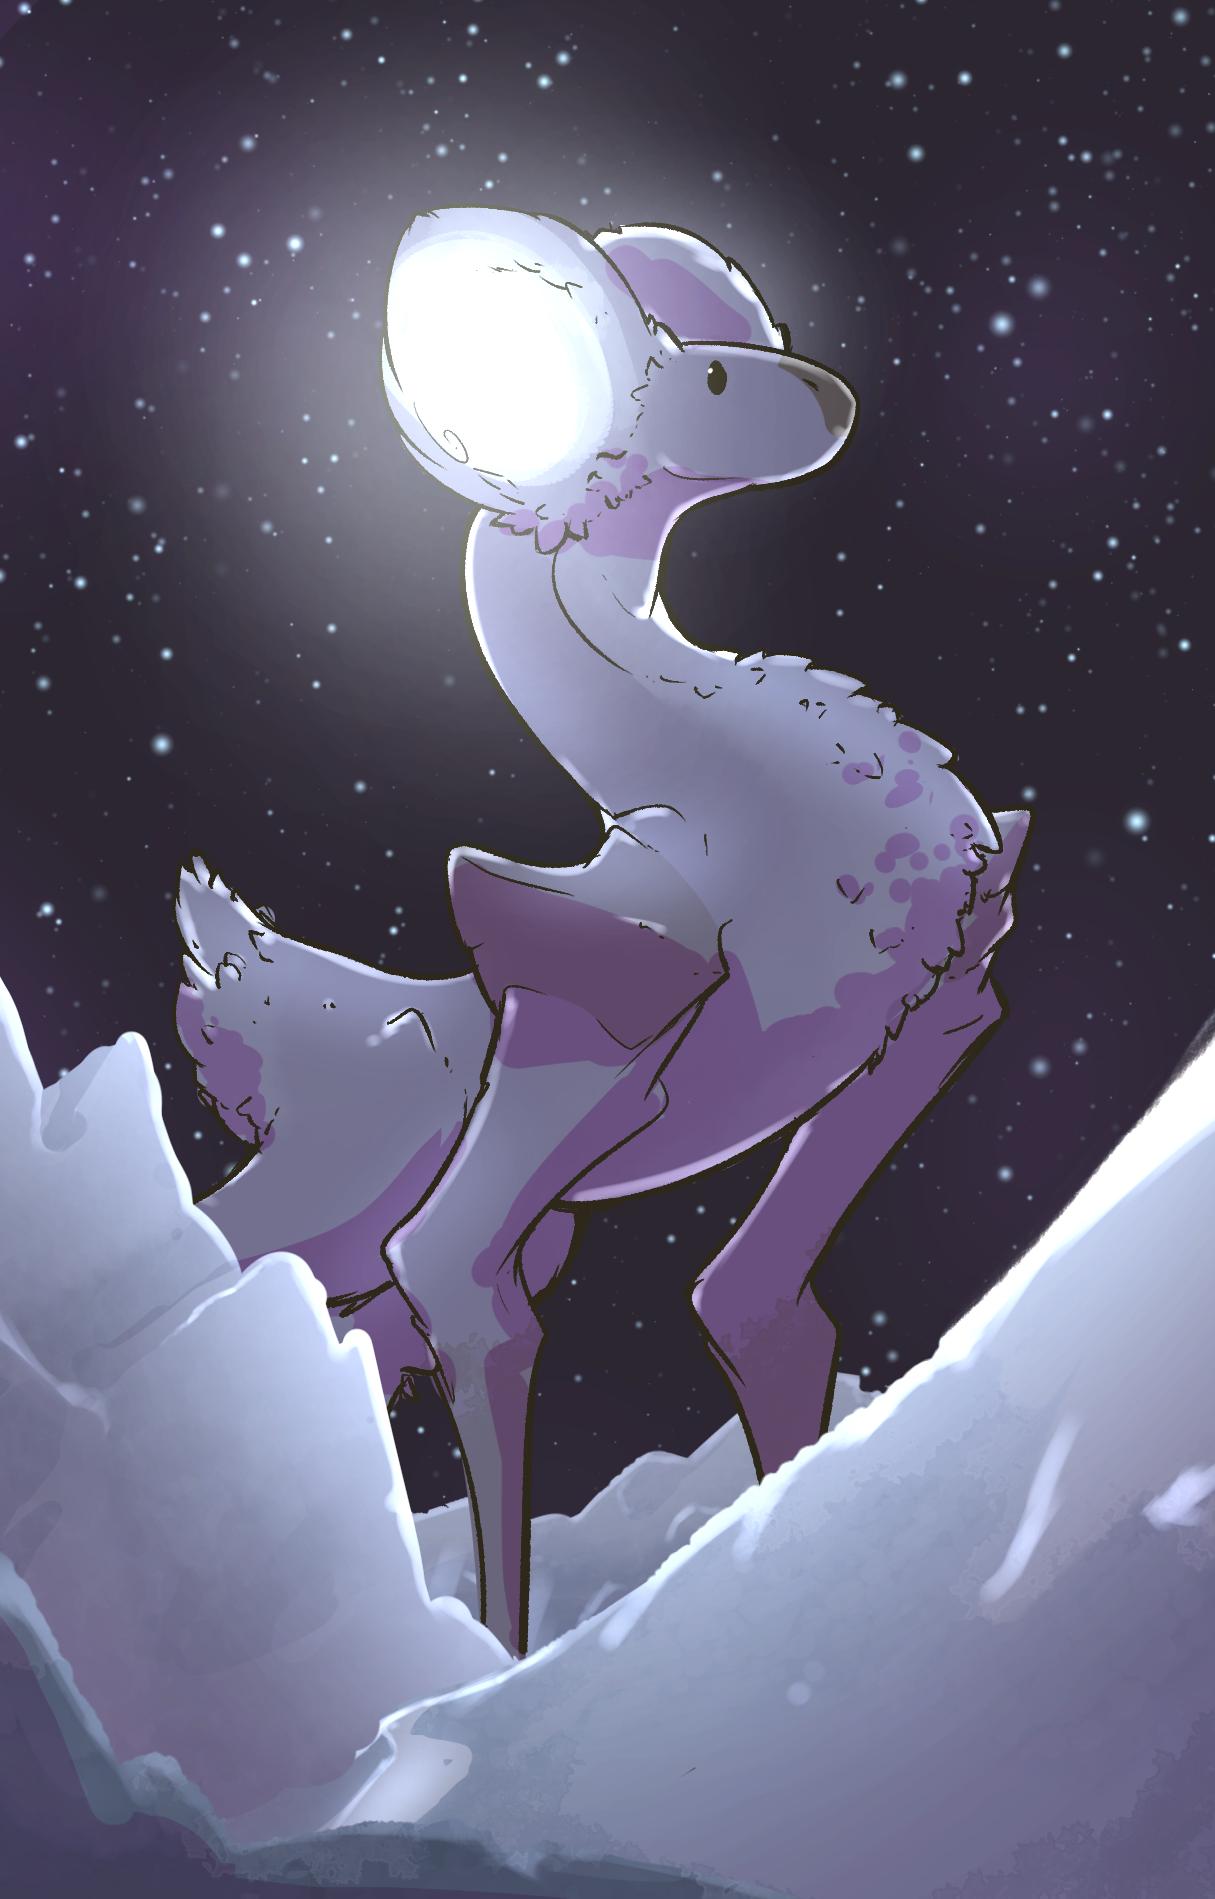 The moonraffe